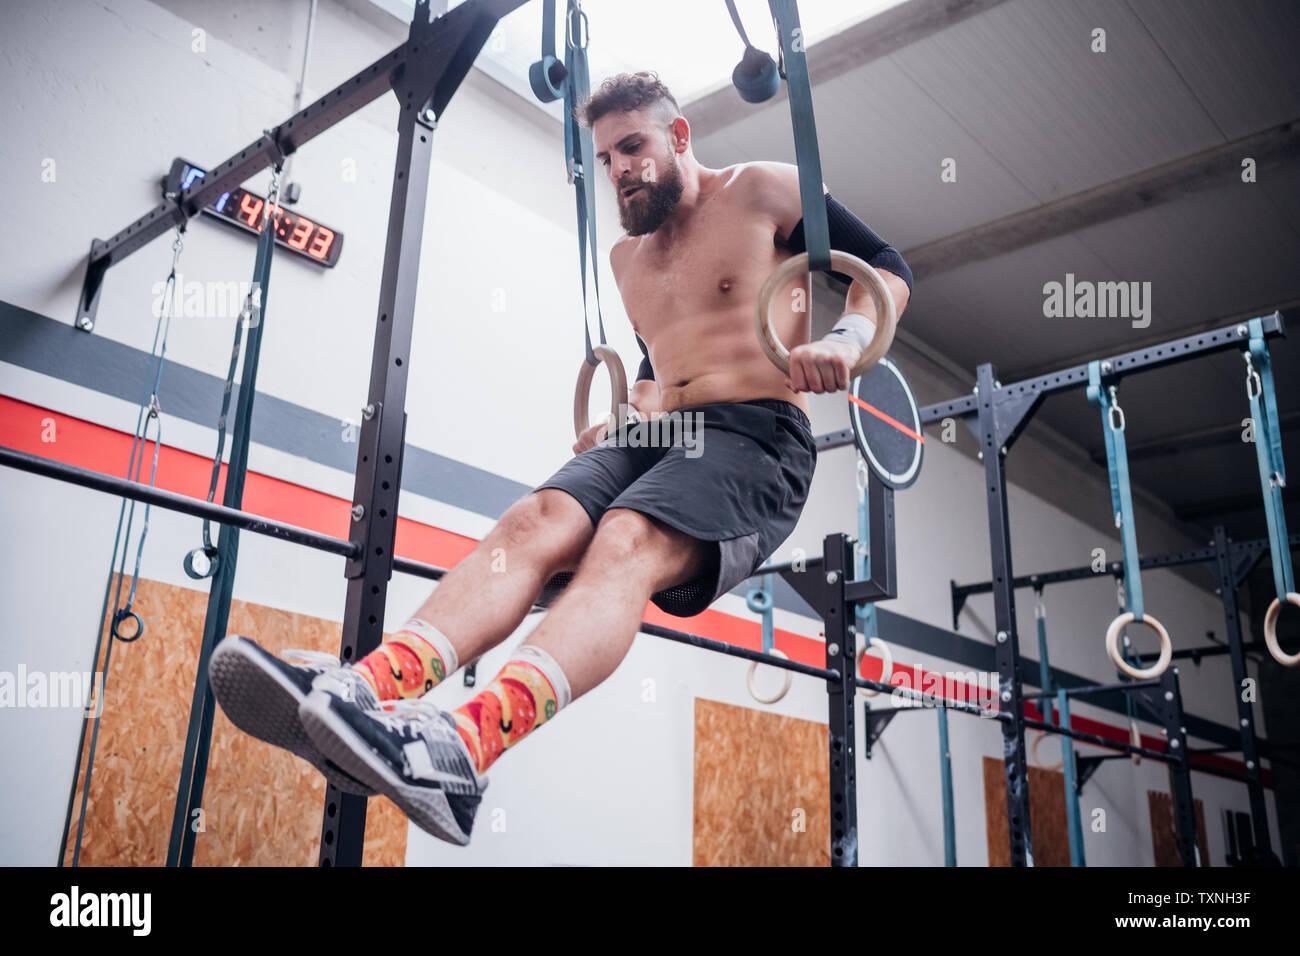 Jeune Homme En Equilibre Sur Les Anneaux De Gymnastique En Salle